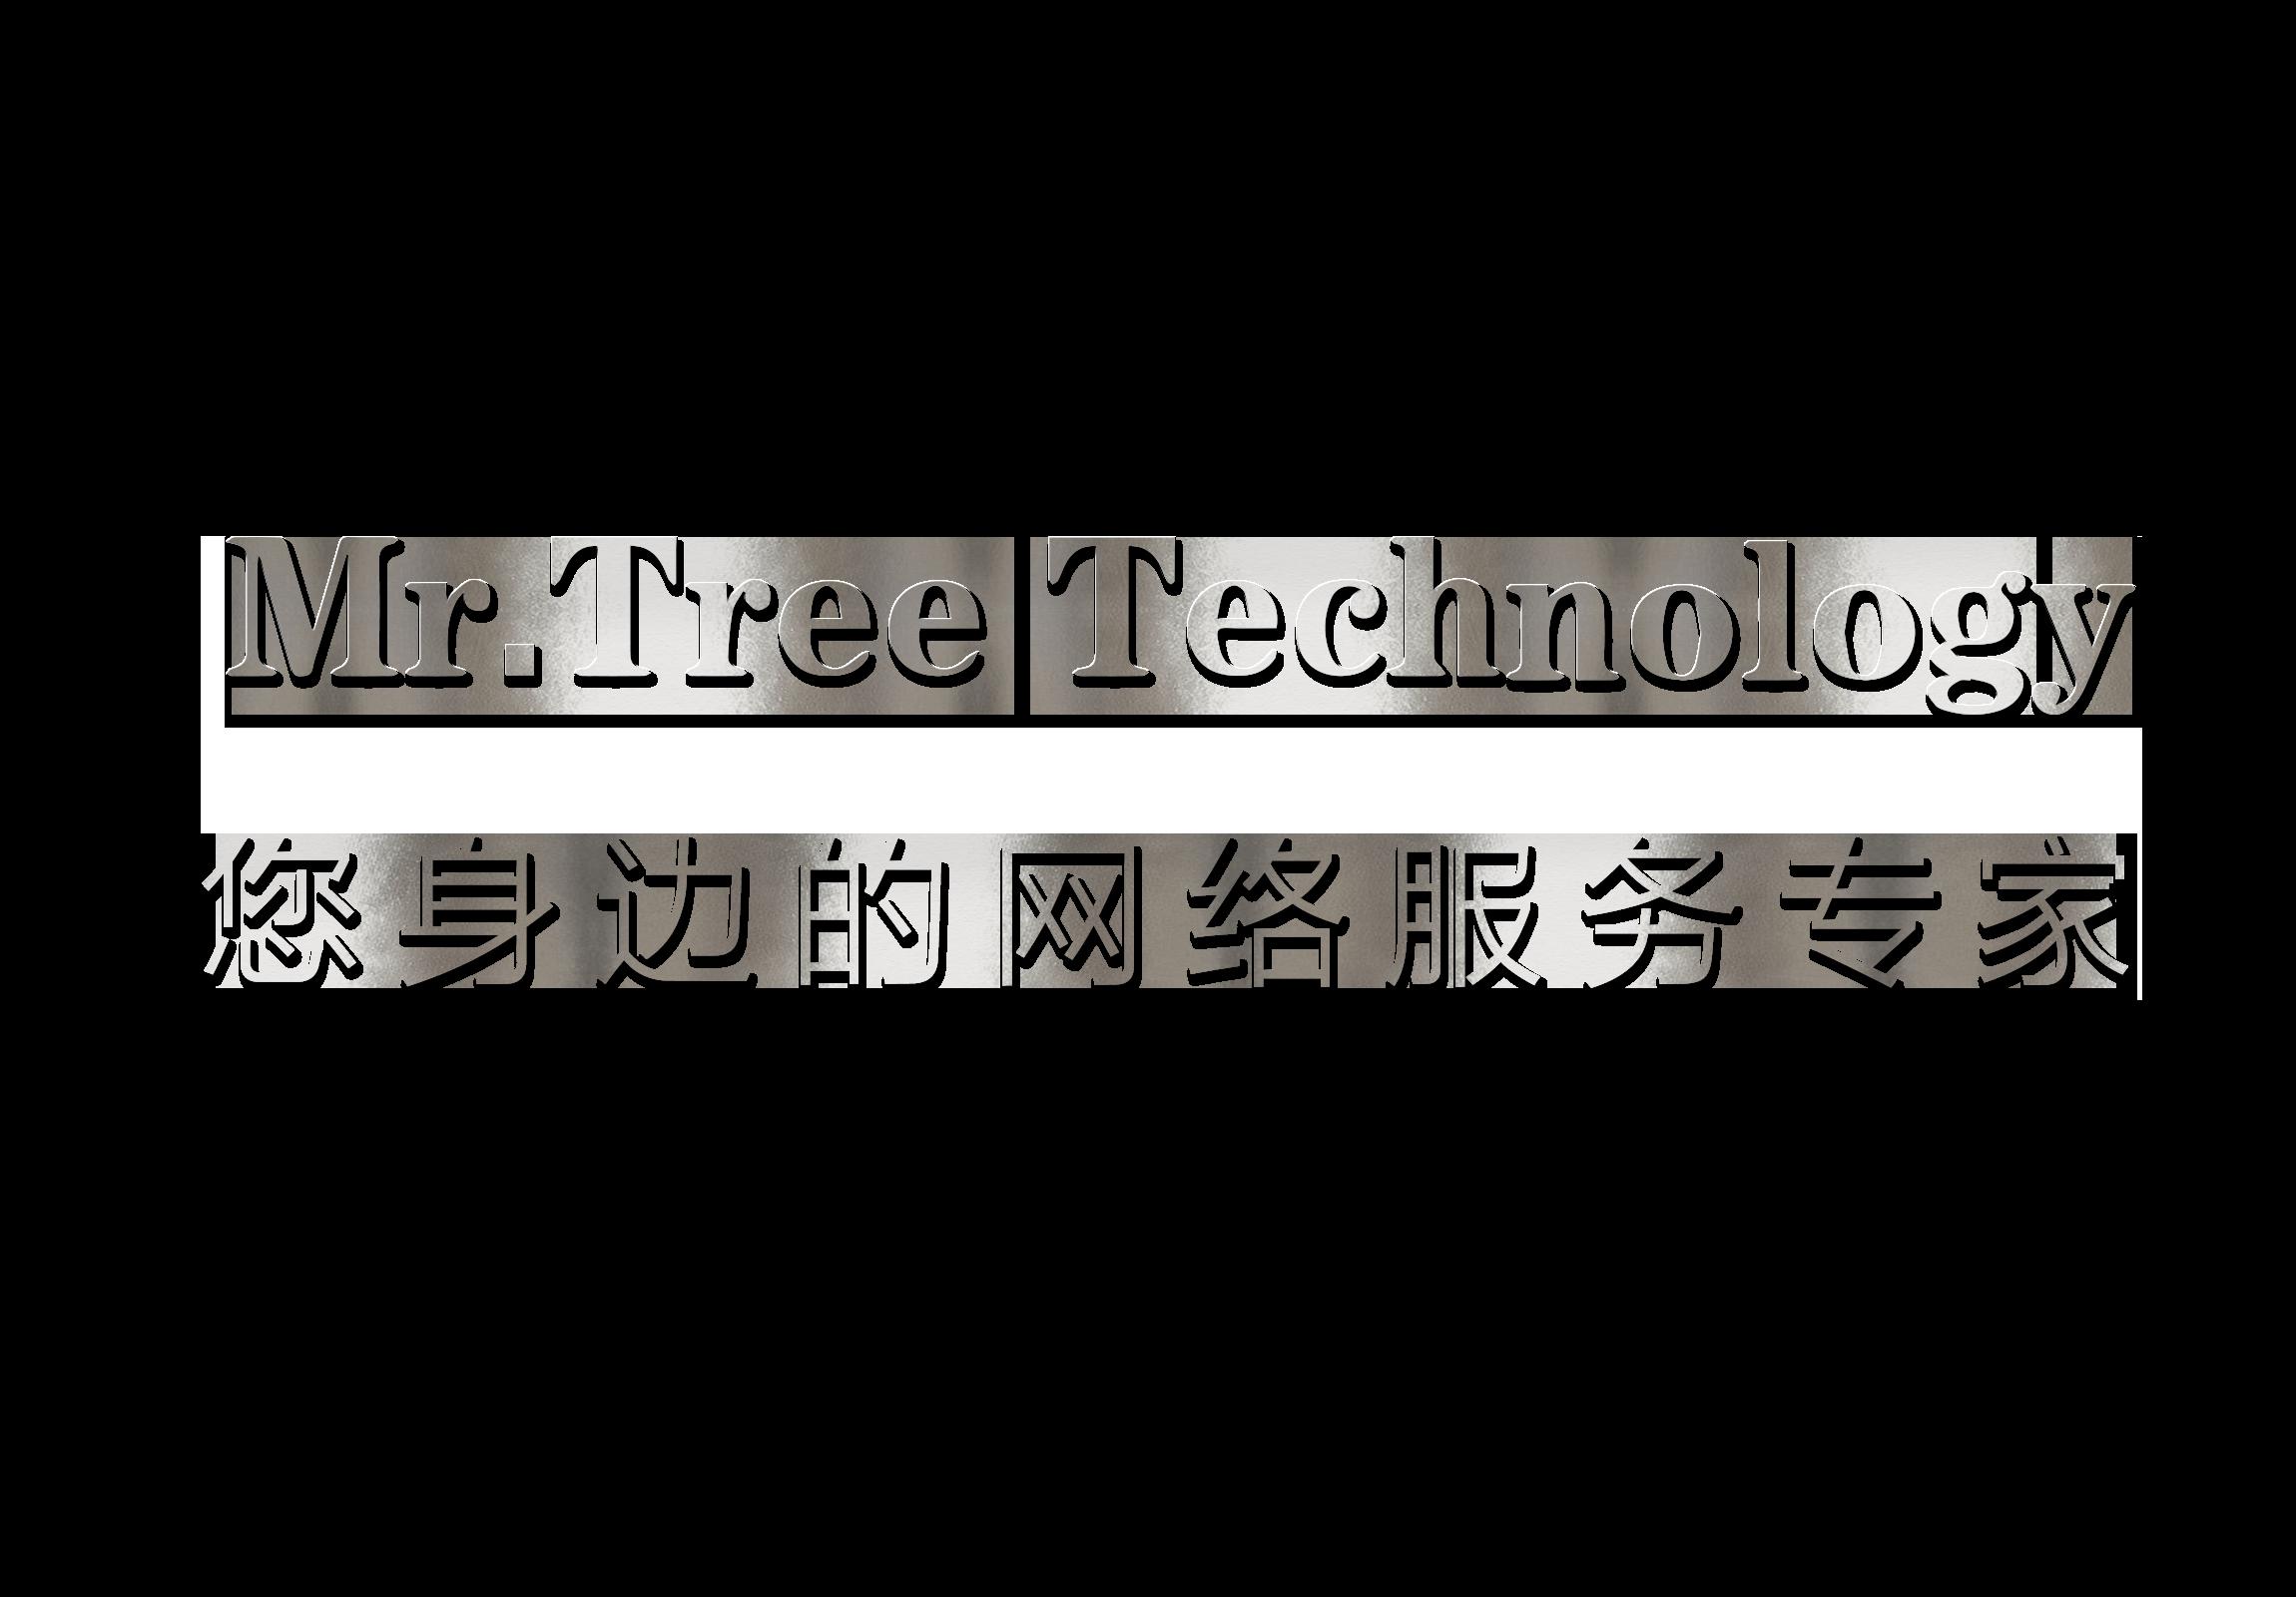 树先生科技